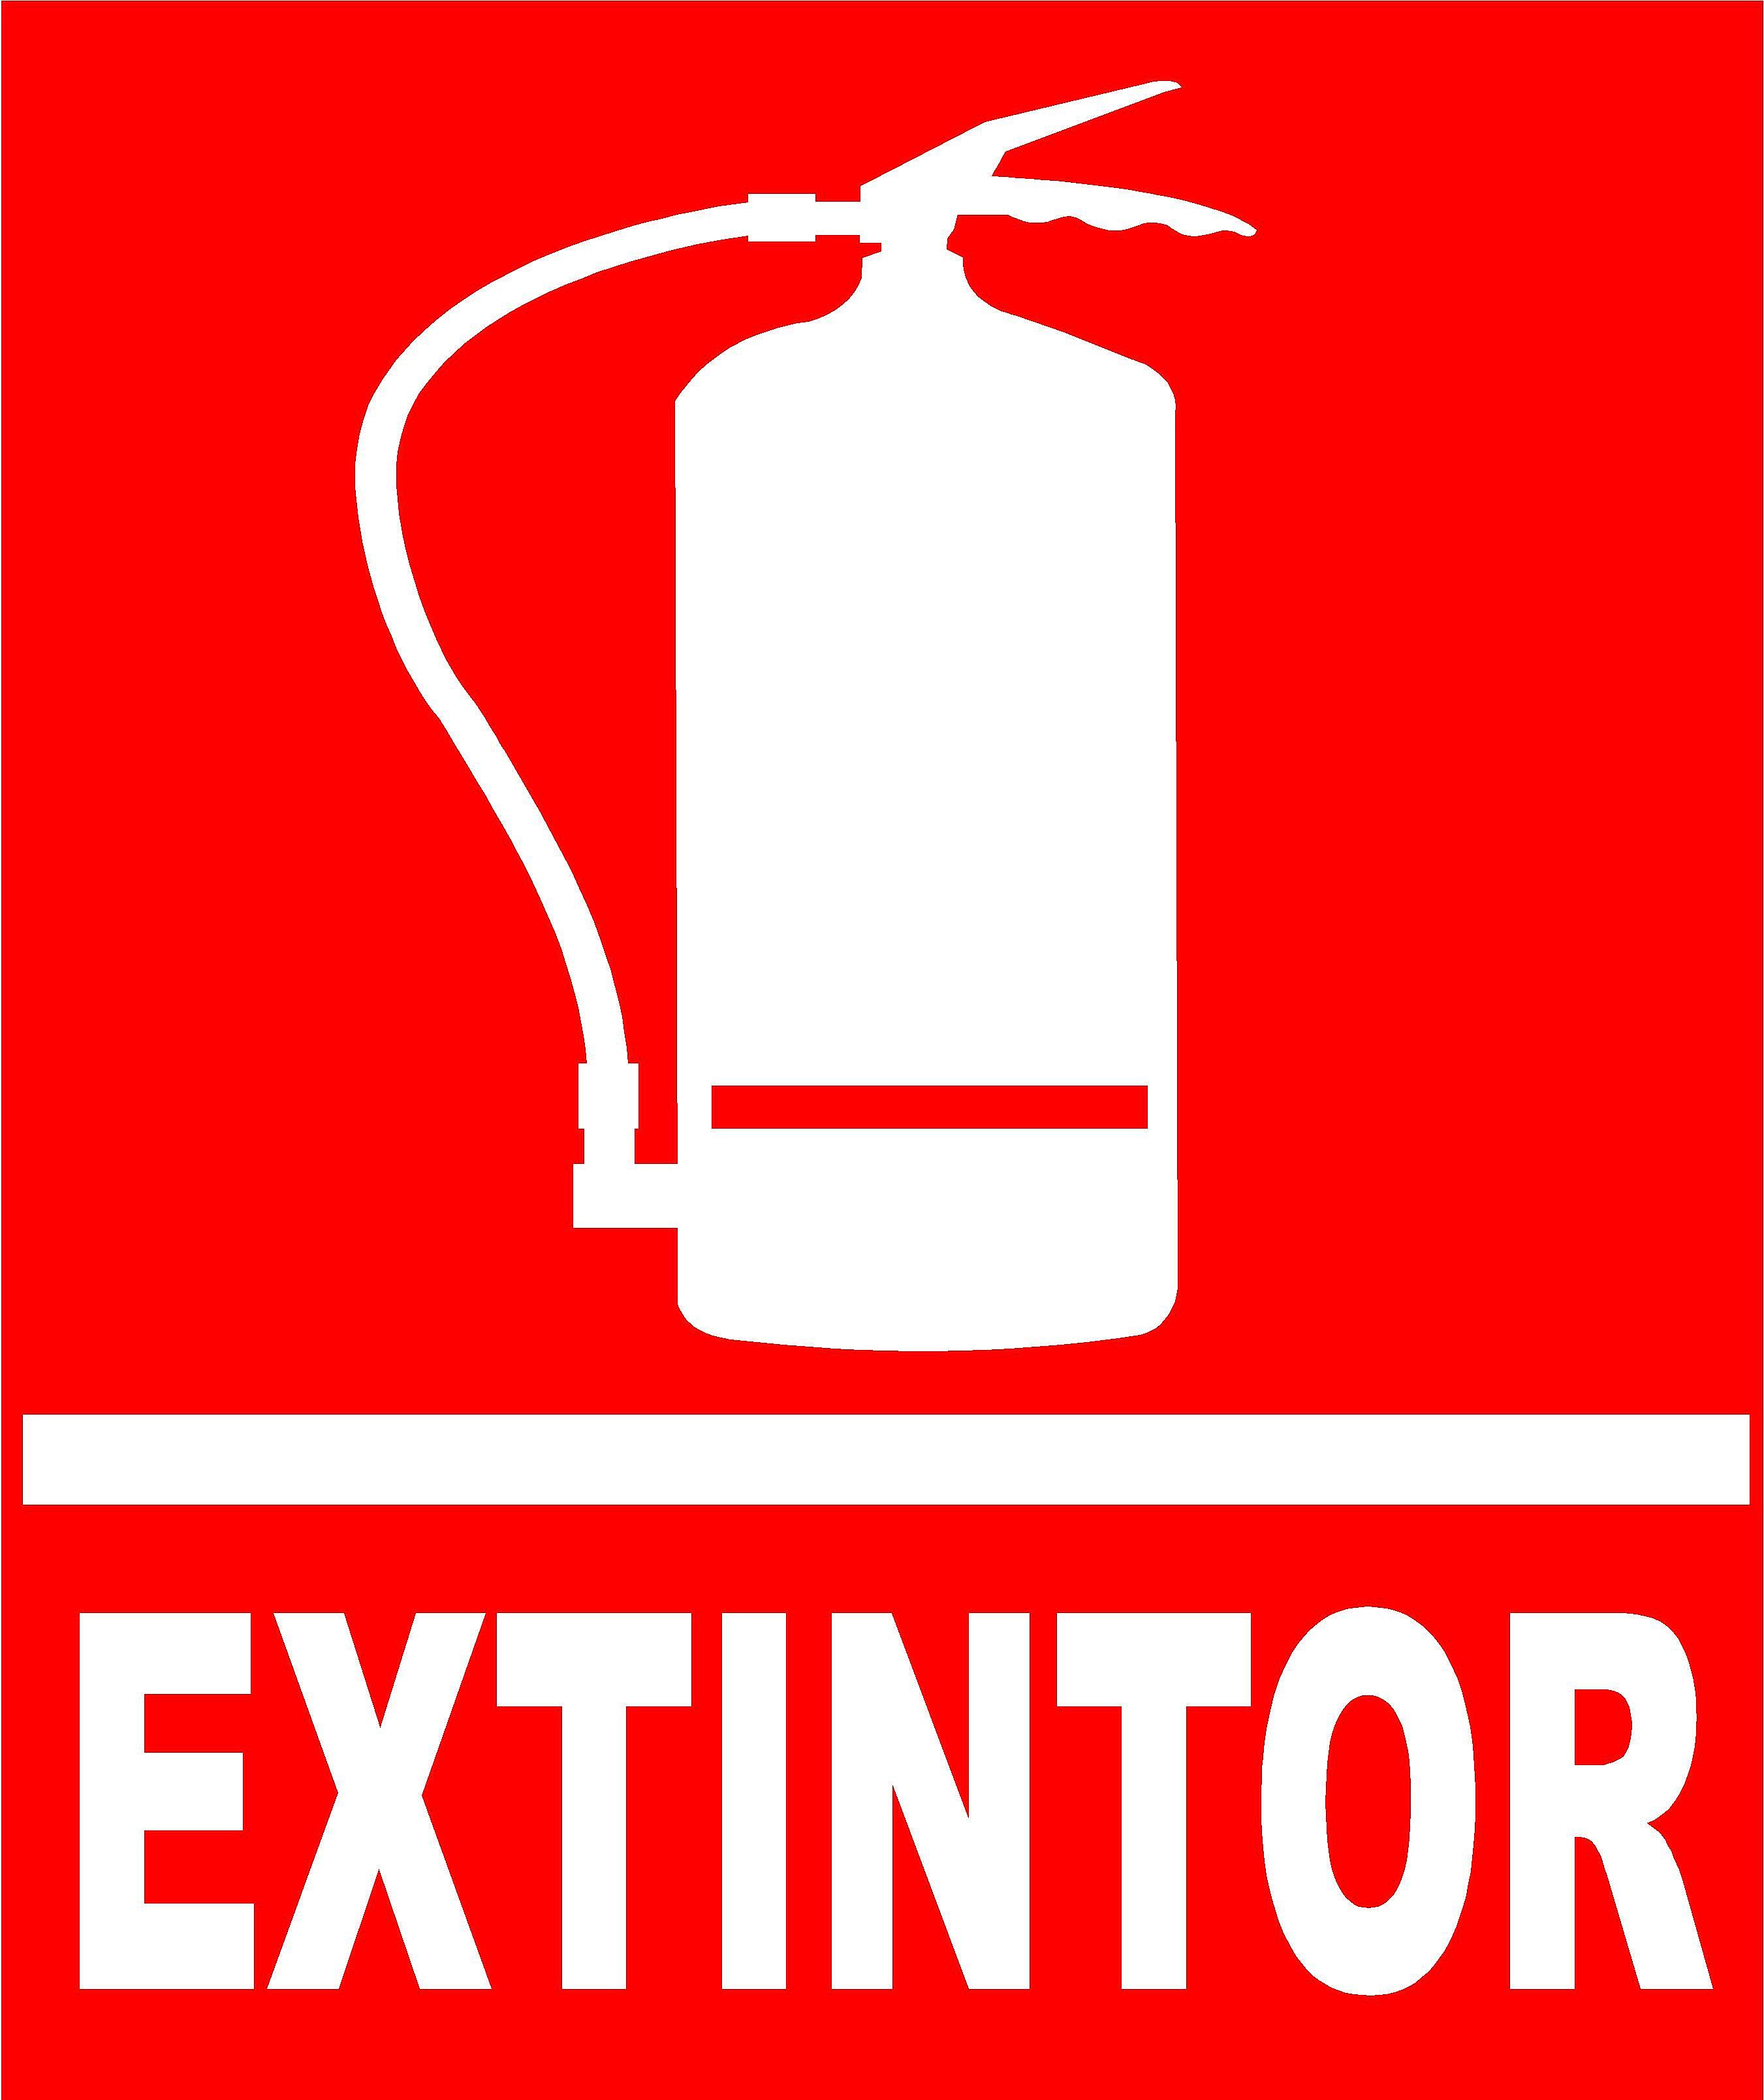 prevencion incendio extintores safety seguridad productos de segu se alizaciones. Black Bedroom Furniture Sets. Home Design Ideas